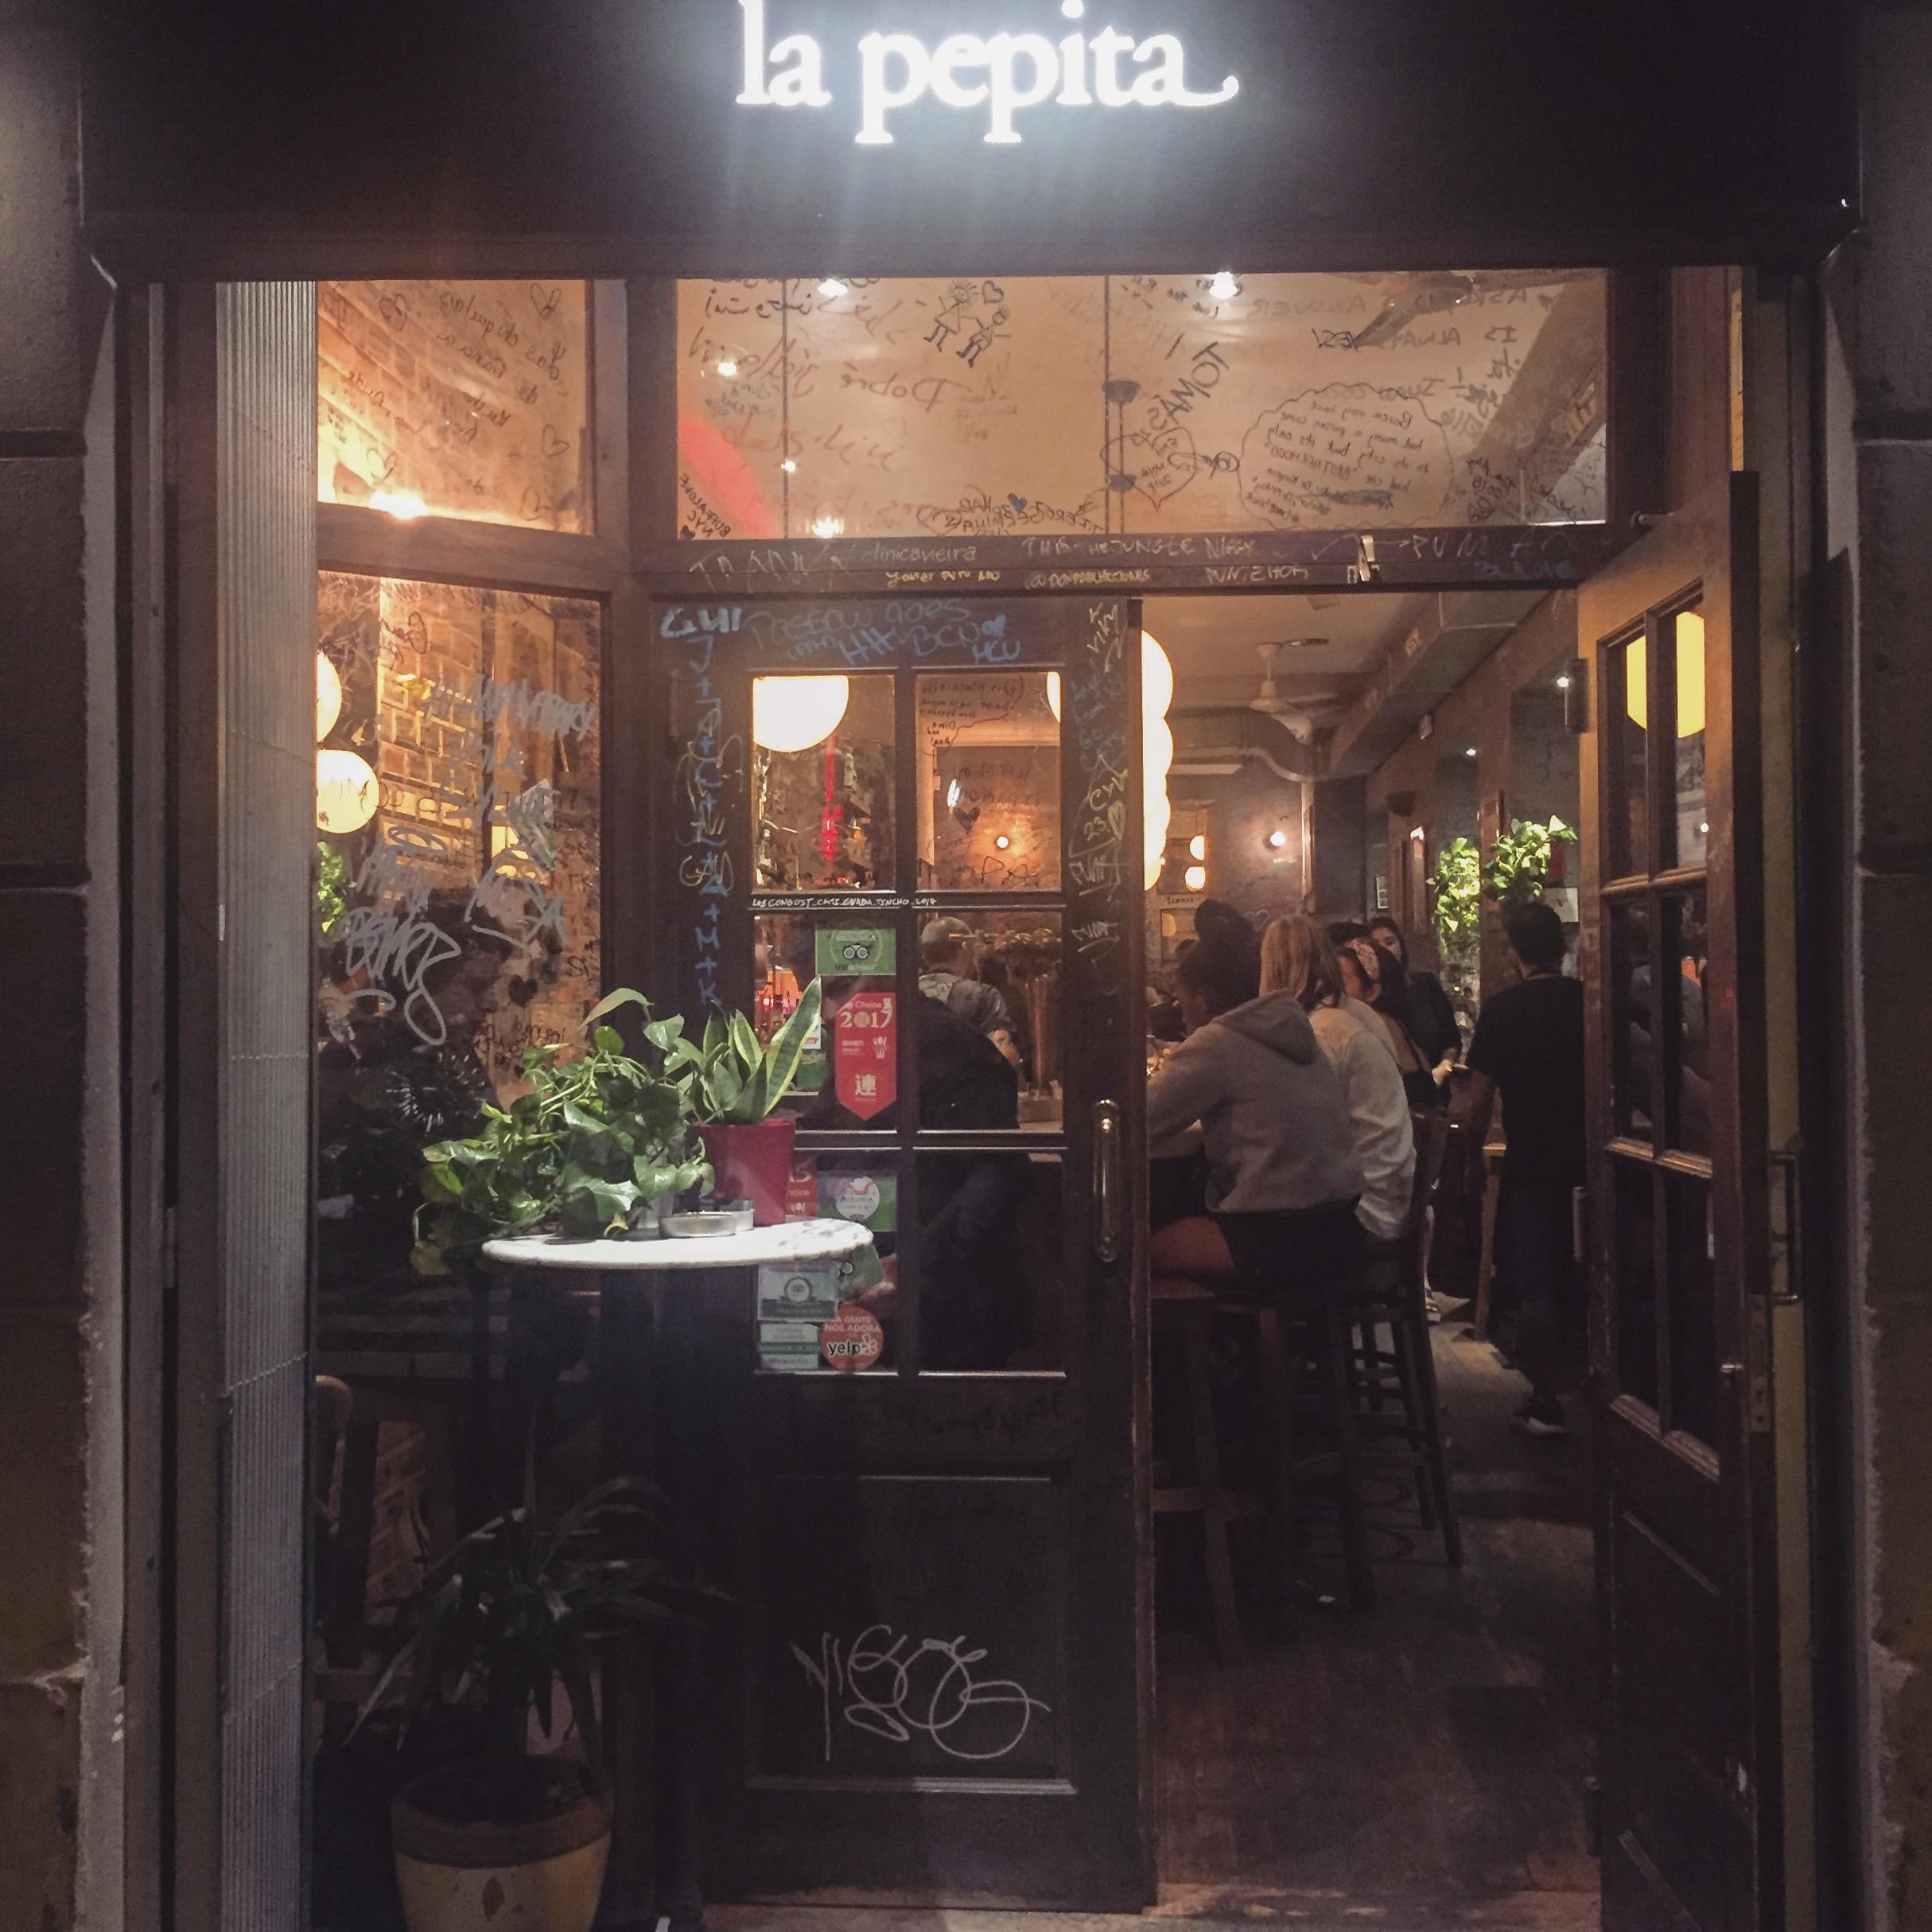 pepita full front.JPG